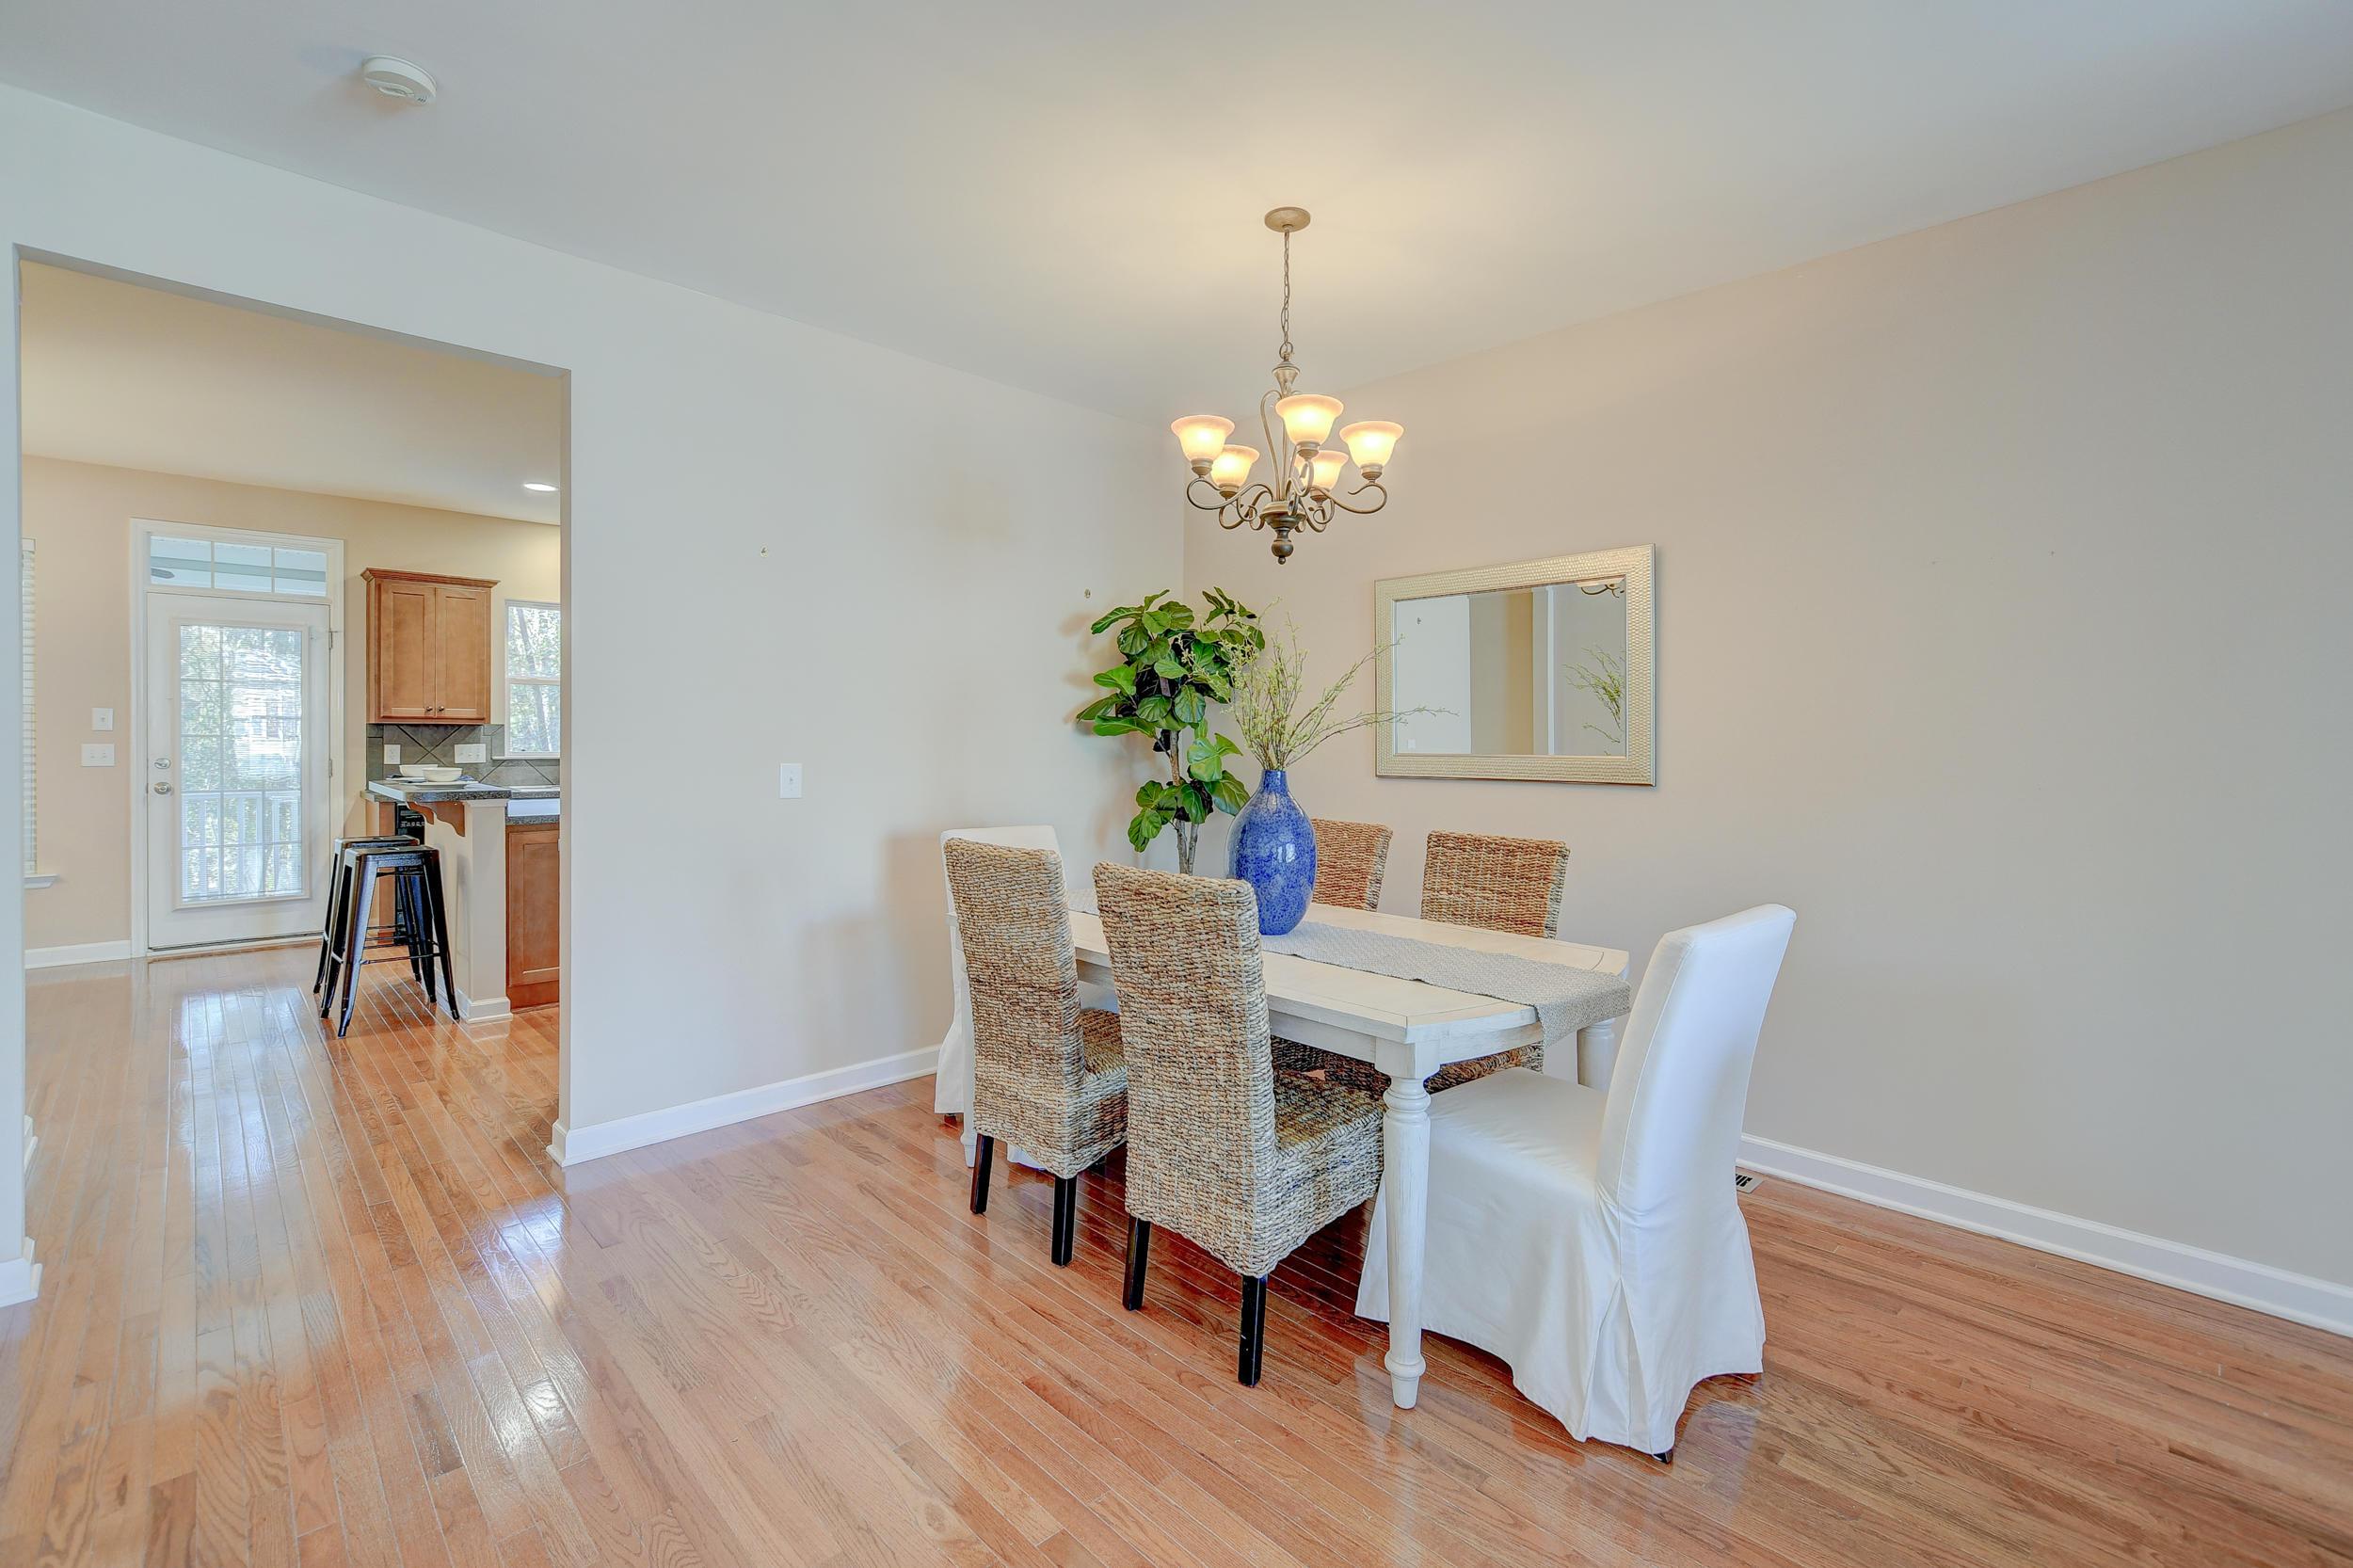 Dunes West Homes For Sale - 264 Fair Sailing, Mount Pleasant, SC - 7